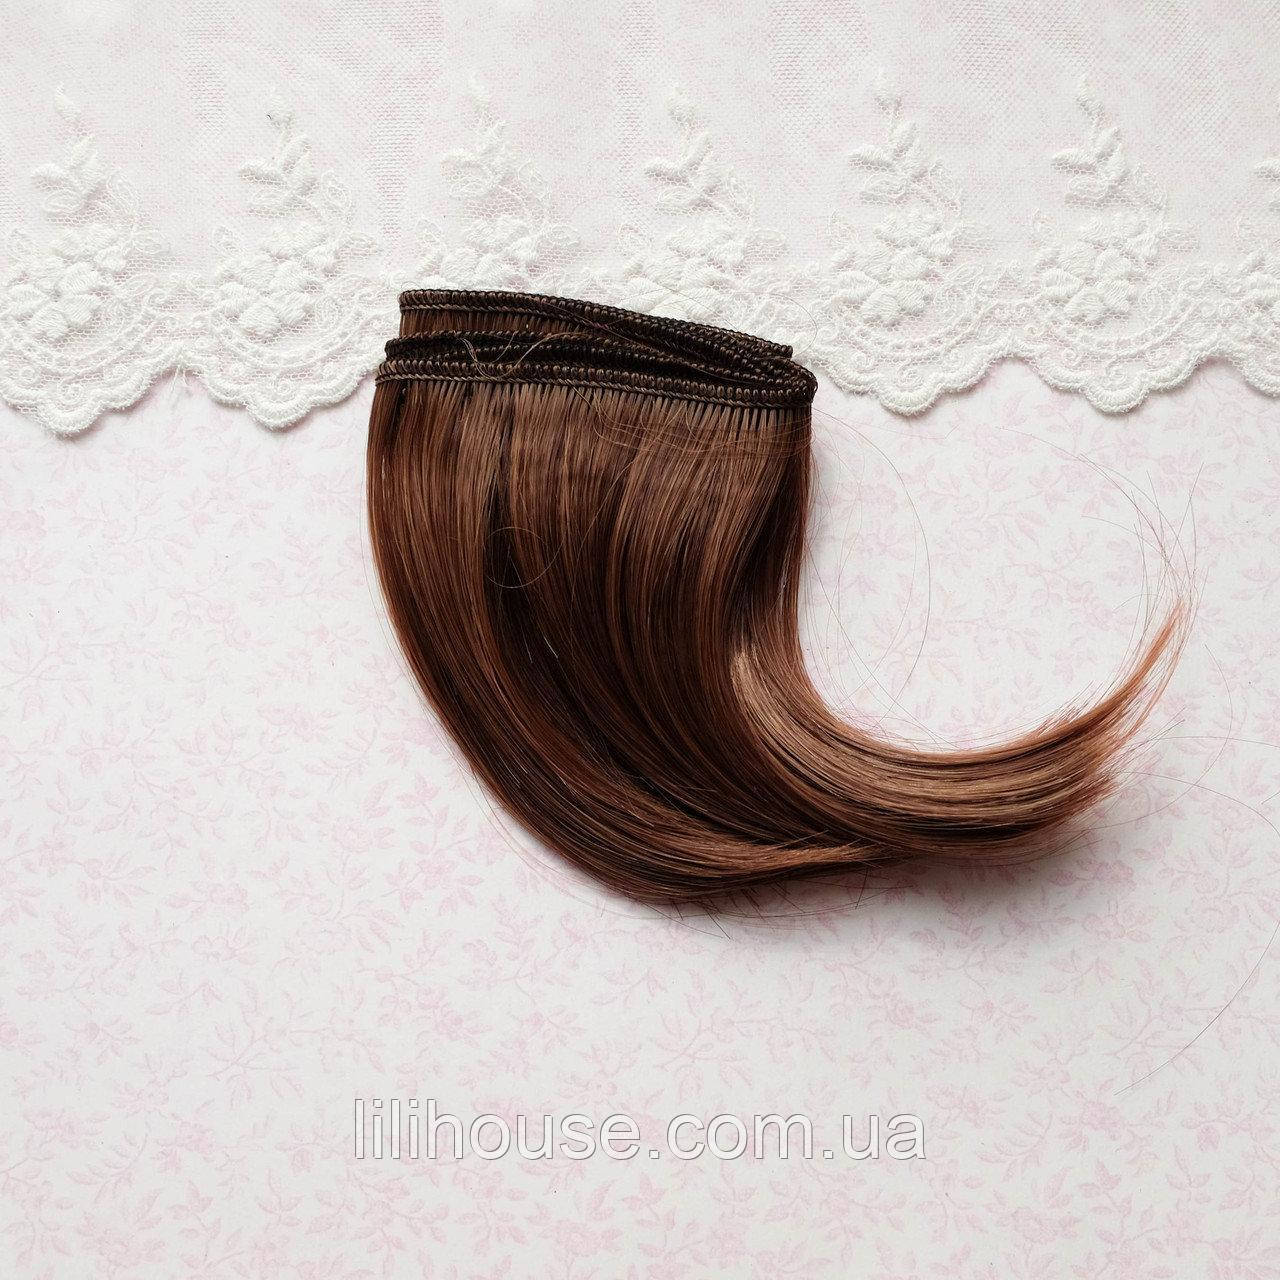 Волосы для Кукол Трессы Боб СВЕТЛЫЙ КАШТАН ШАНГРИЛА Шелк 15 см